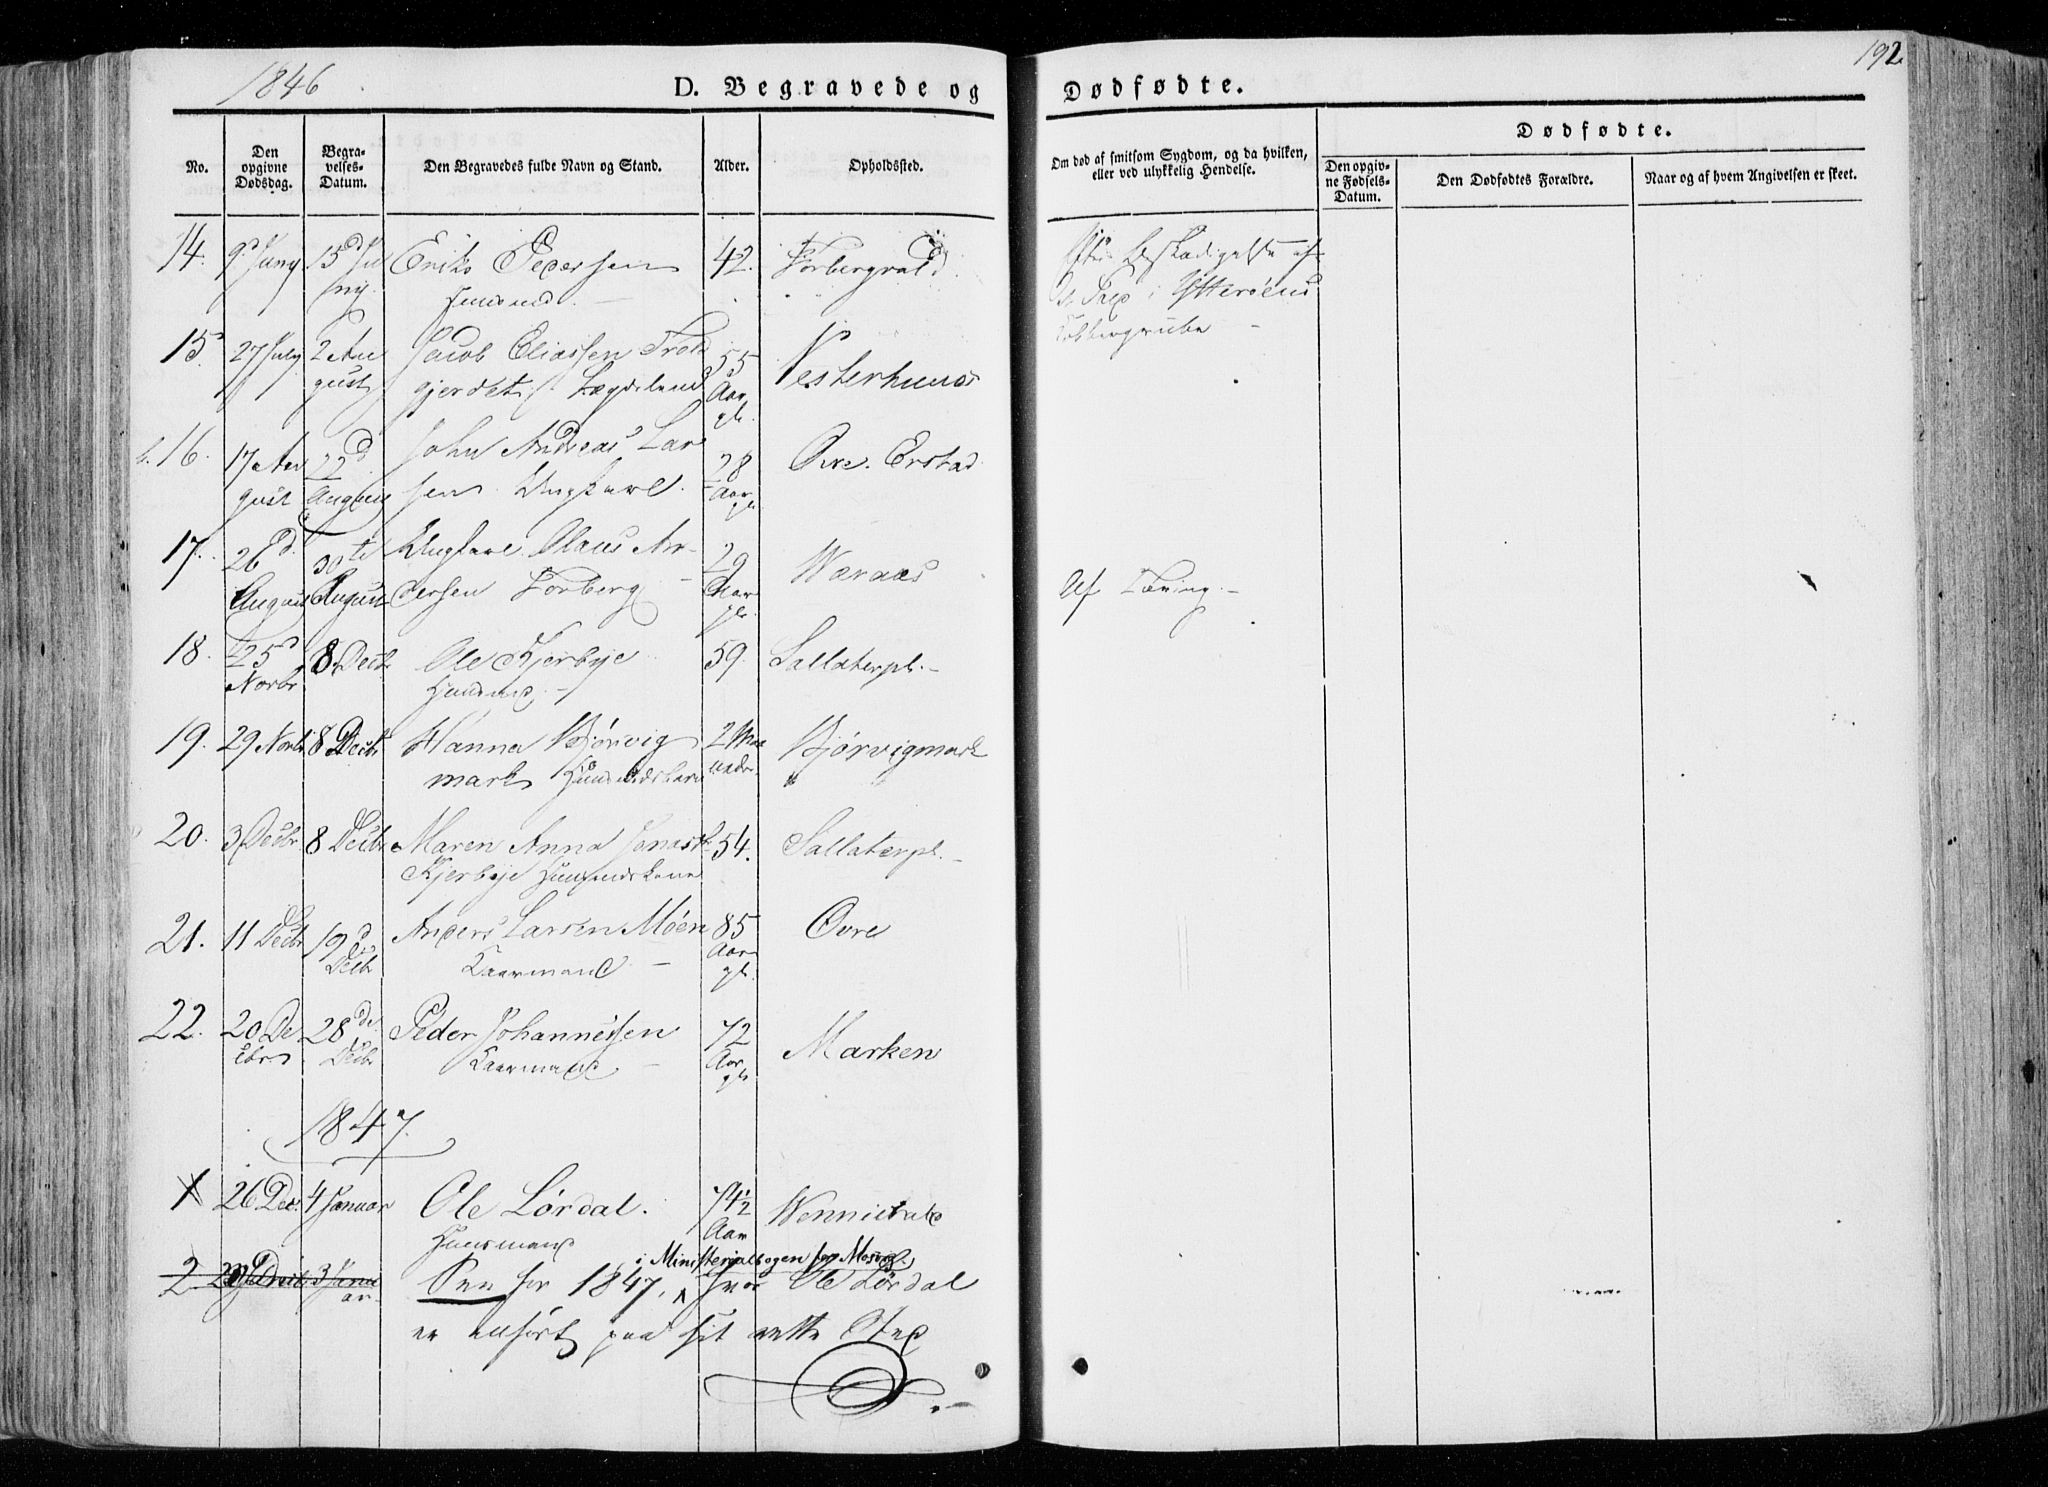 SAT, Ministerialprotokoller, klokkerbøker og fødselsregistre - Nord-Trøndelag, 722/L0218: Ministerialbok nr. 722A05, 1843-1868, s. 192